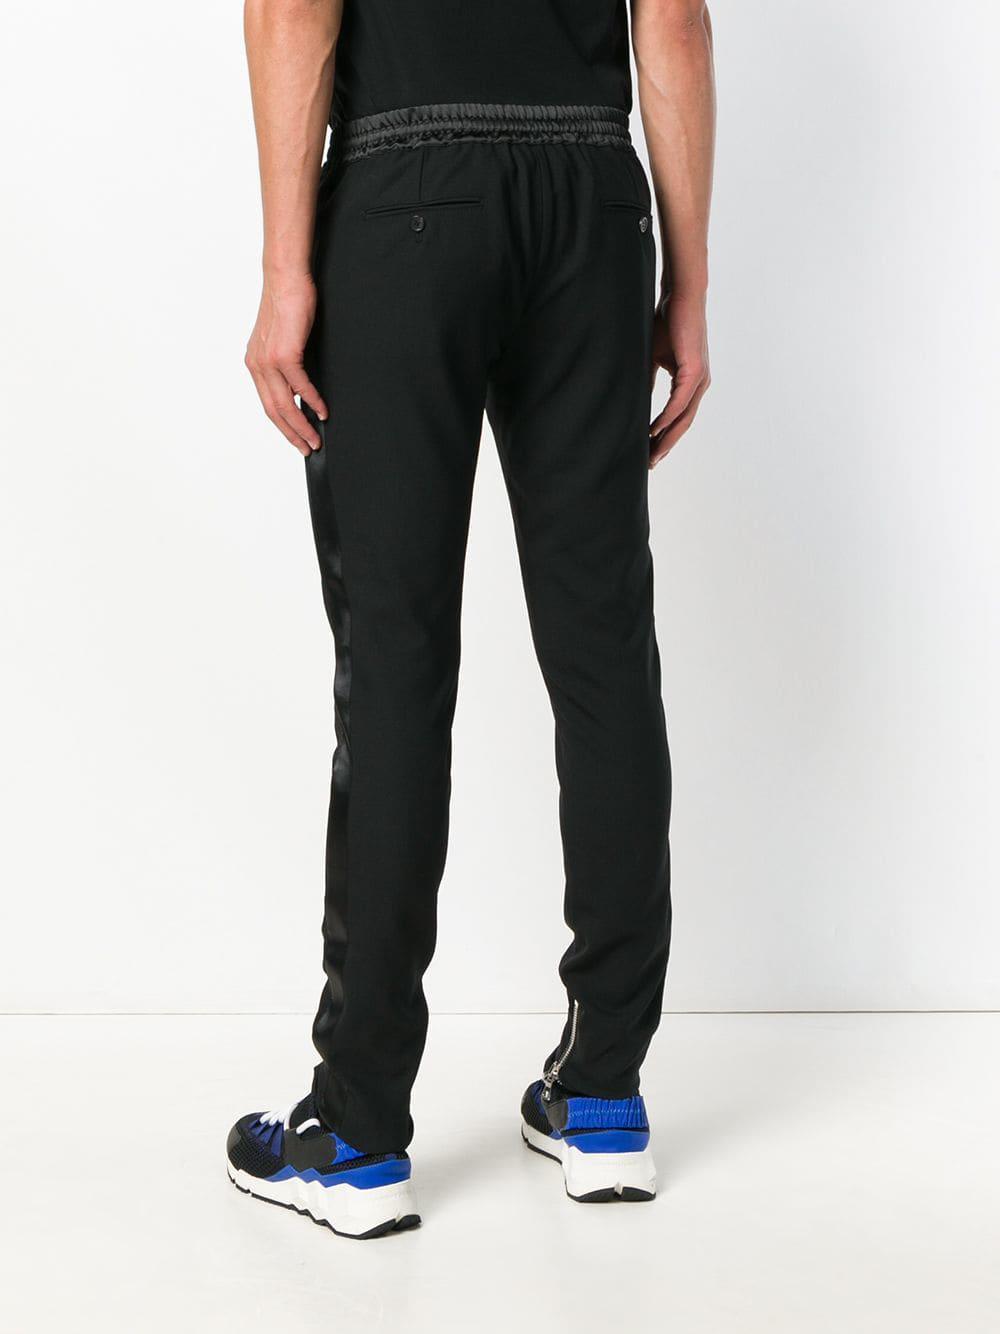 Balmain Synthetisch Tuxedo Track Pants in het Zwart voor heren